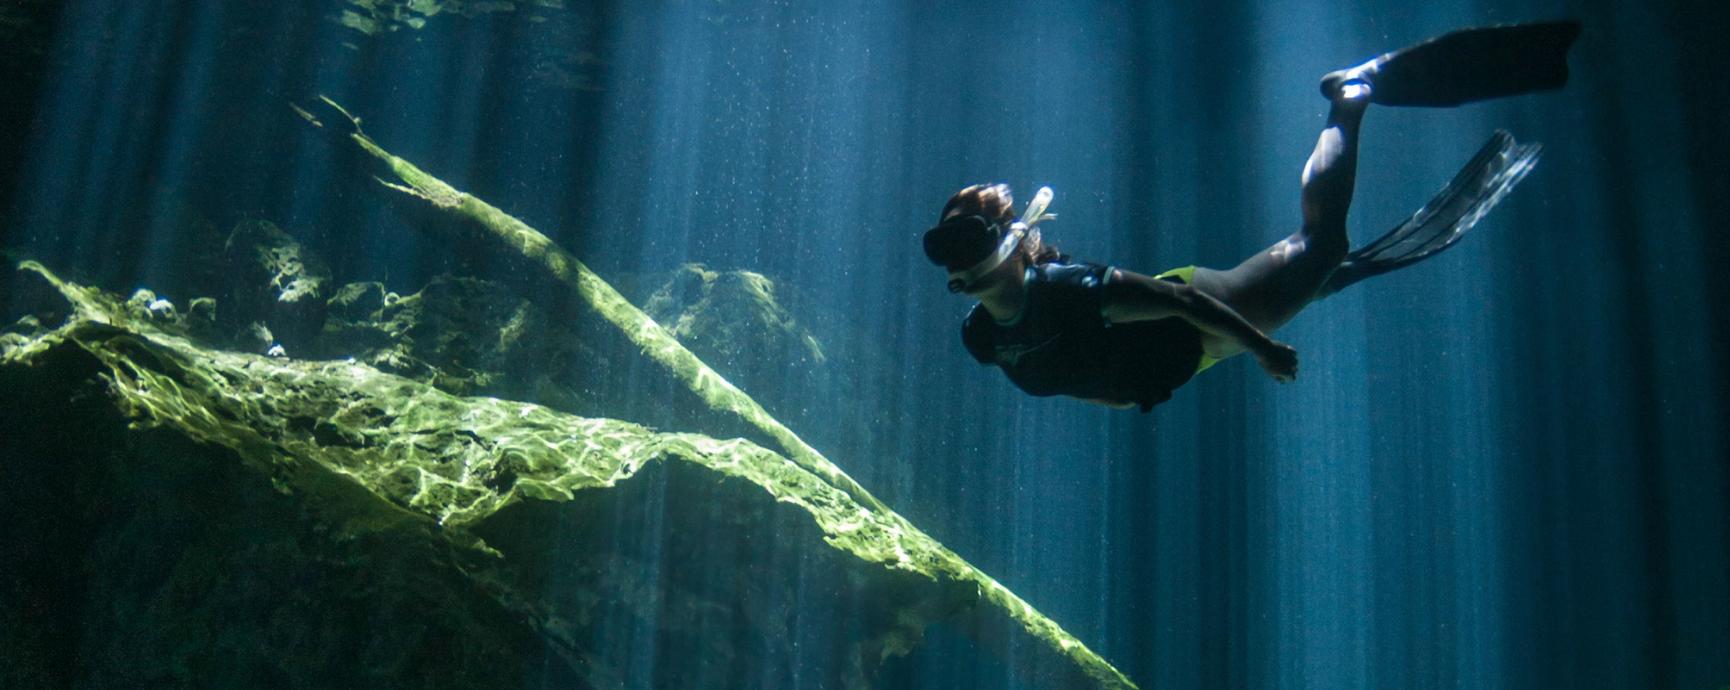 Scuba diver in Taj Mahal Cenote, Riviera Maya, Mexico